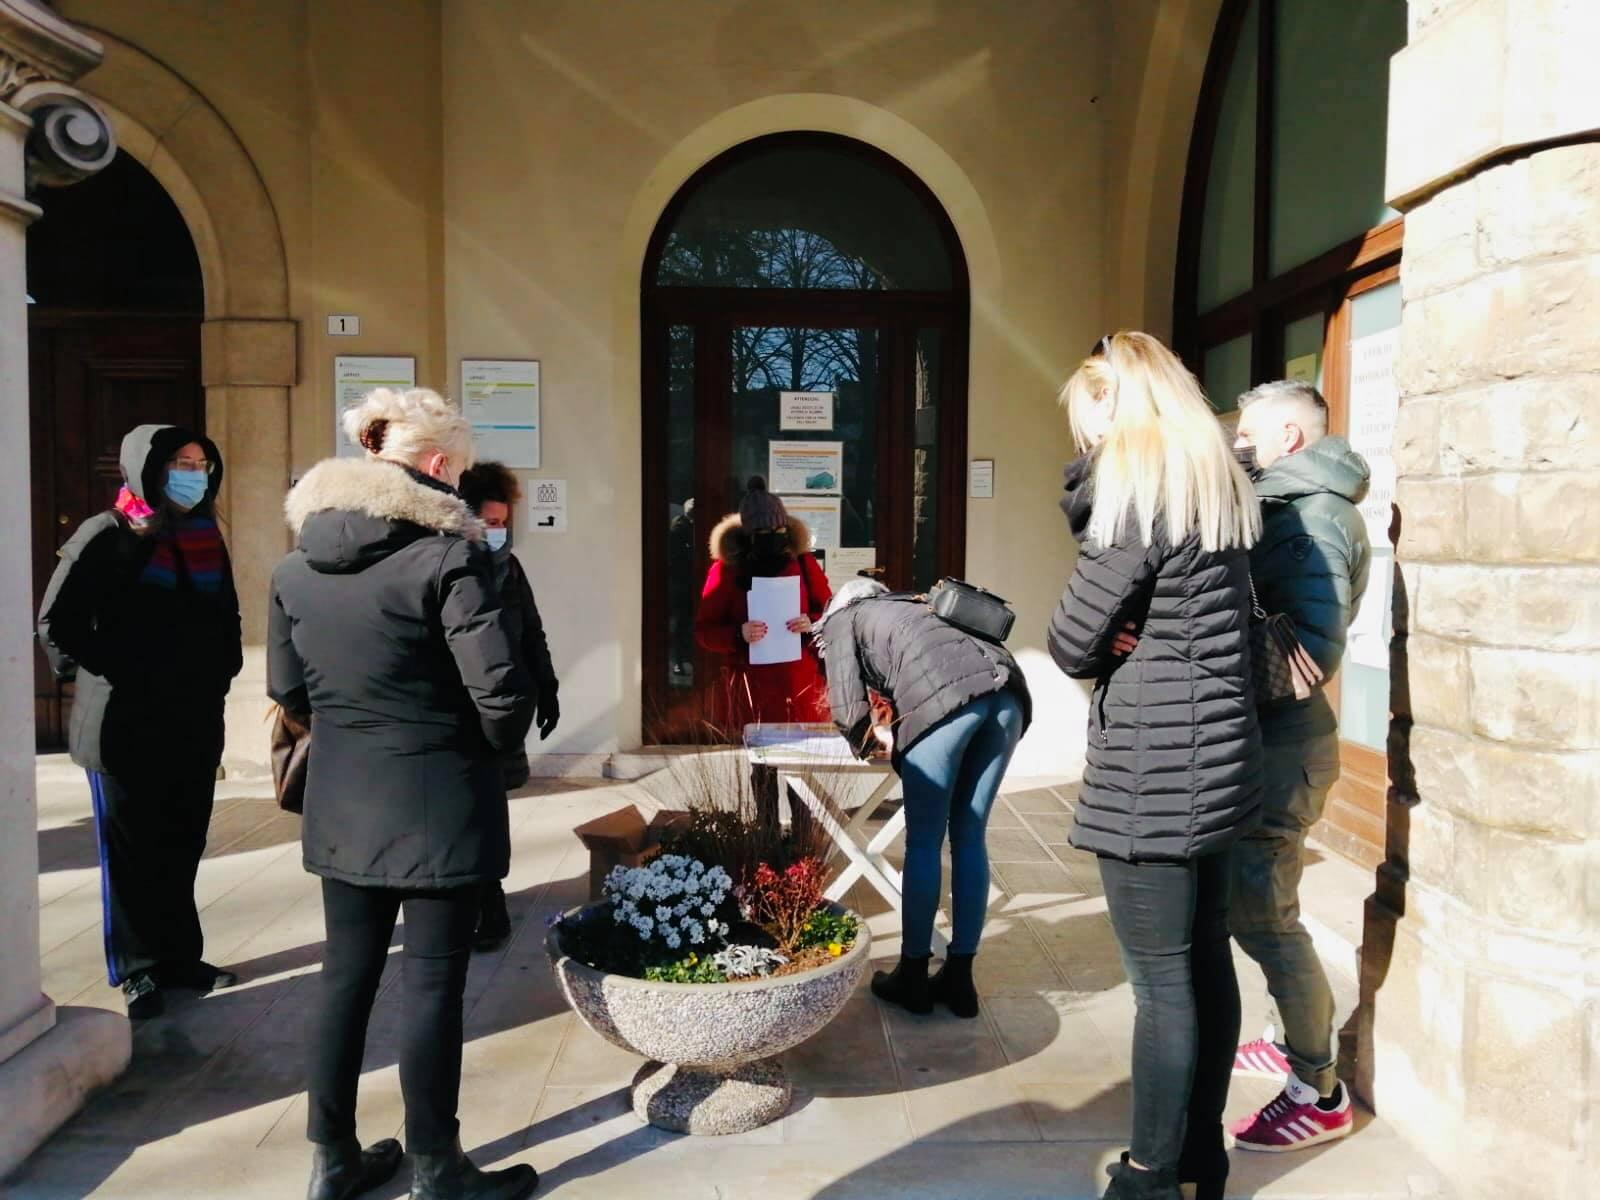 Immagine per Consiglio unito contro la nuova tangenziale a Cervignano, il Comitato Obiz festeggia ma non molla